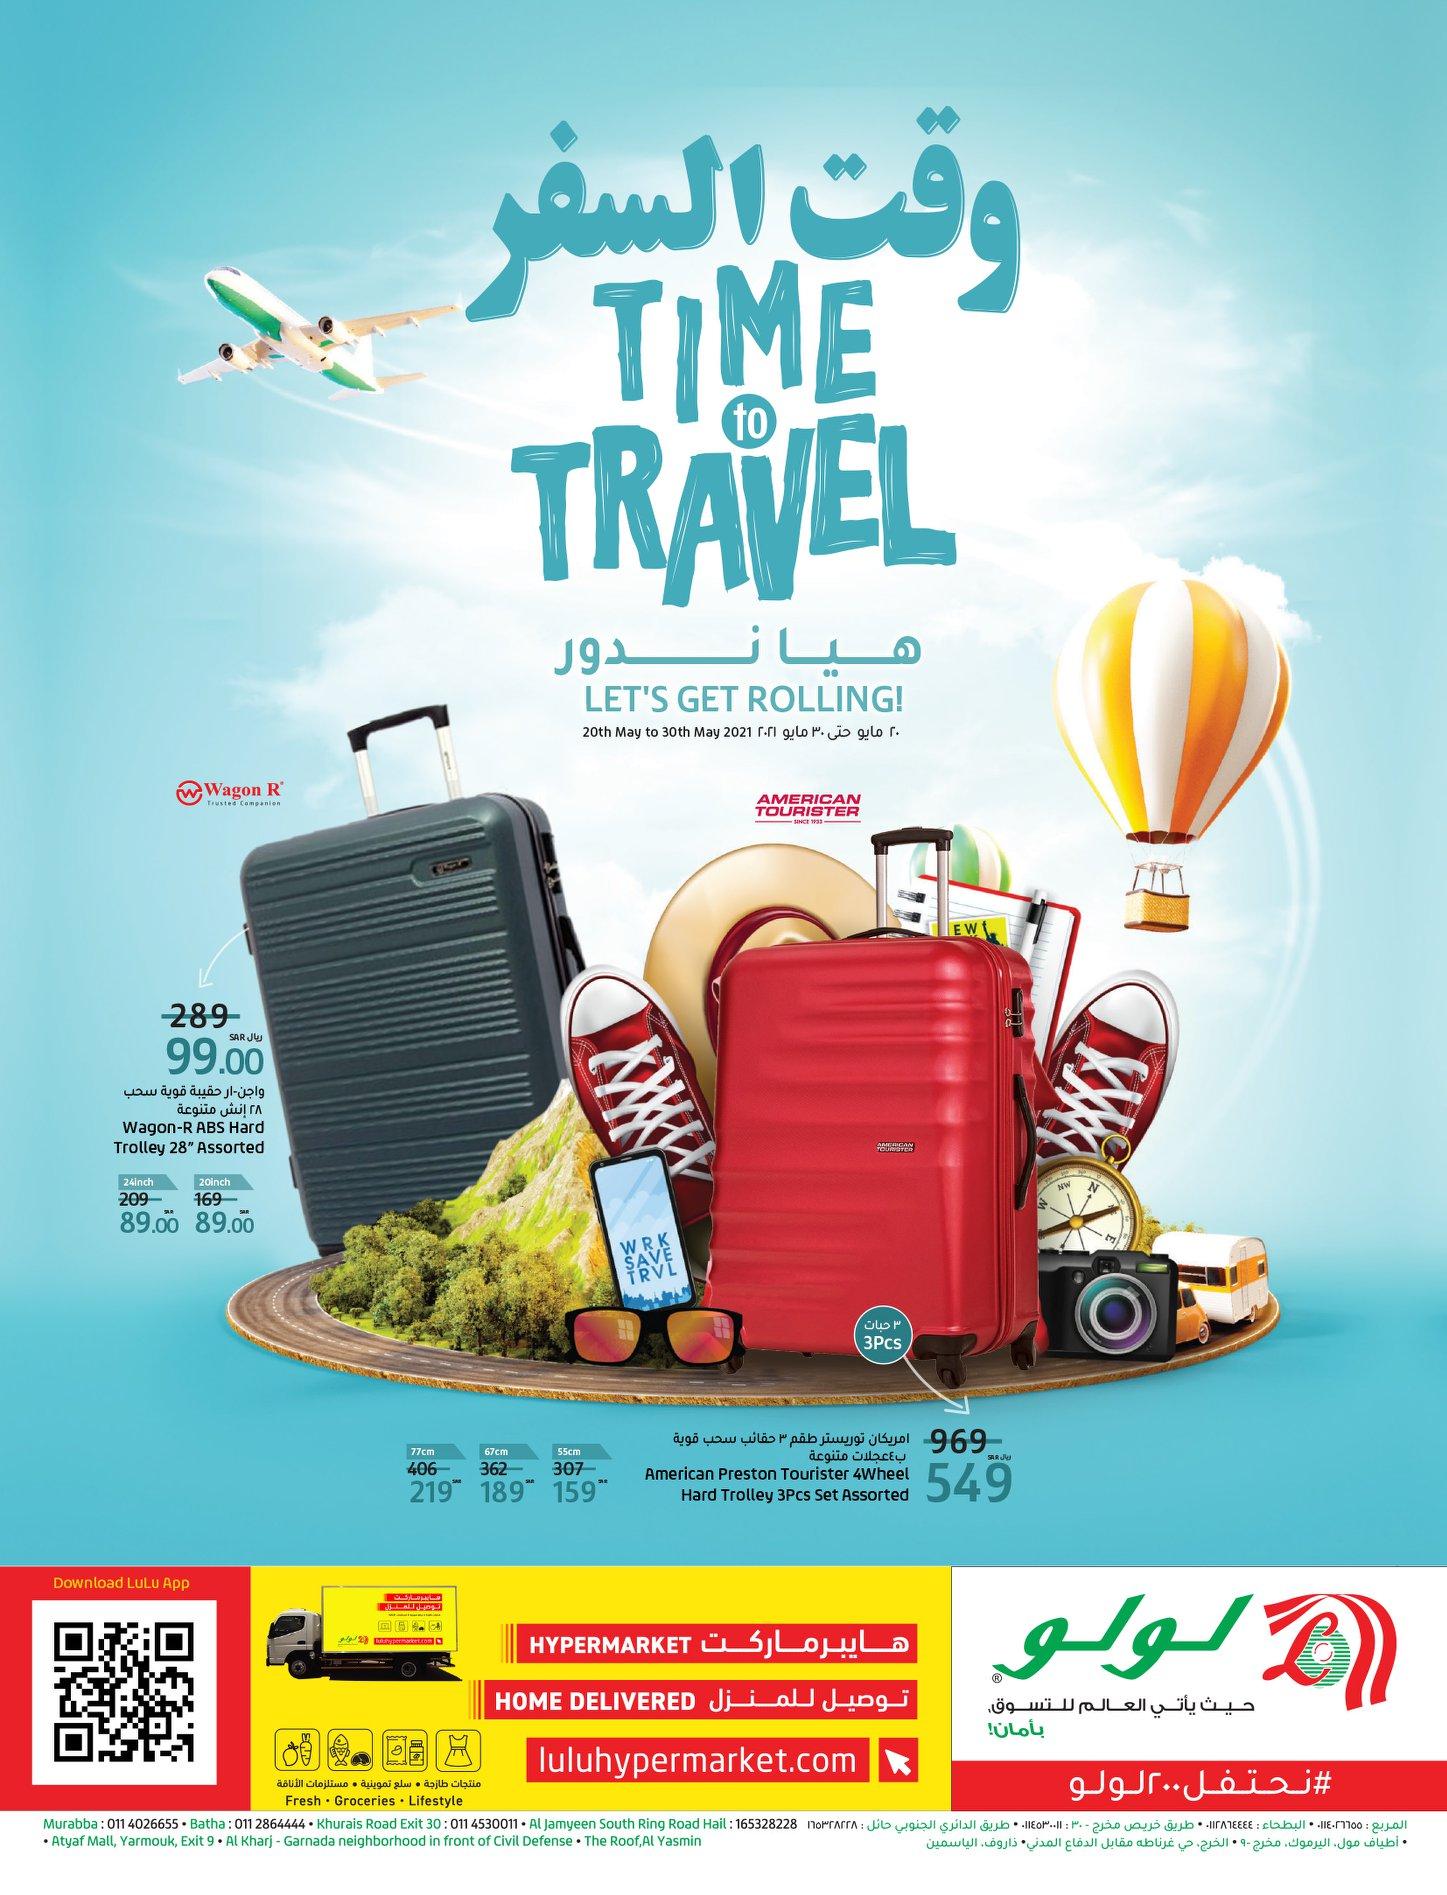 عروض لولو الرياض اليوم 20 مايو حتى 30 مايو 2021 وقت السفر